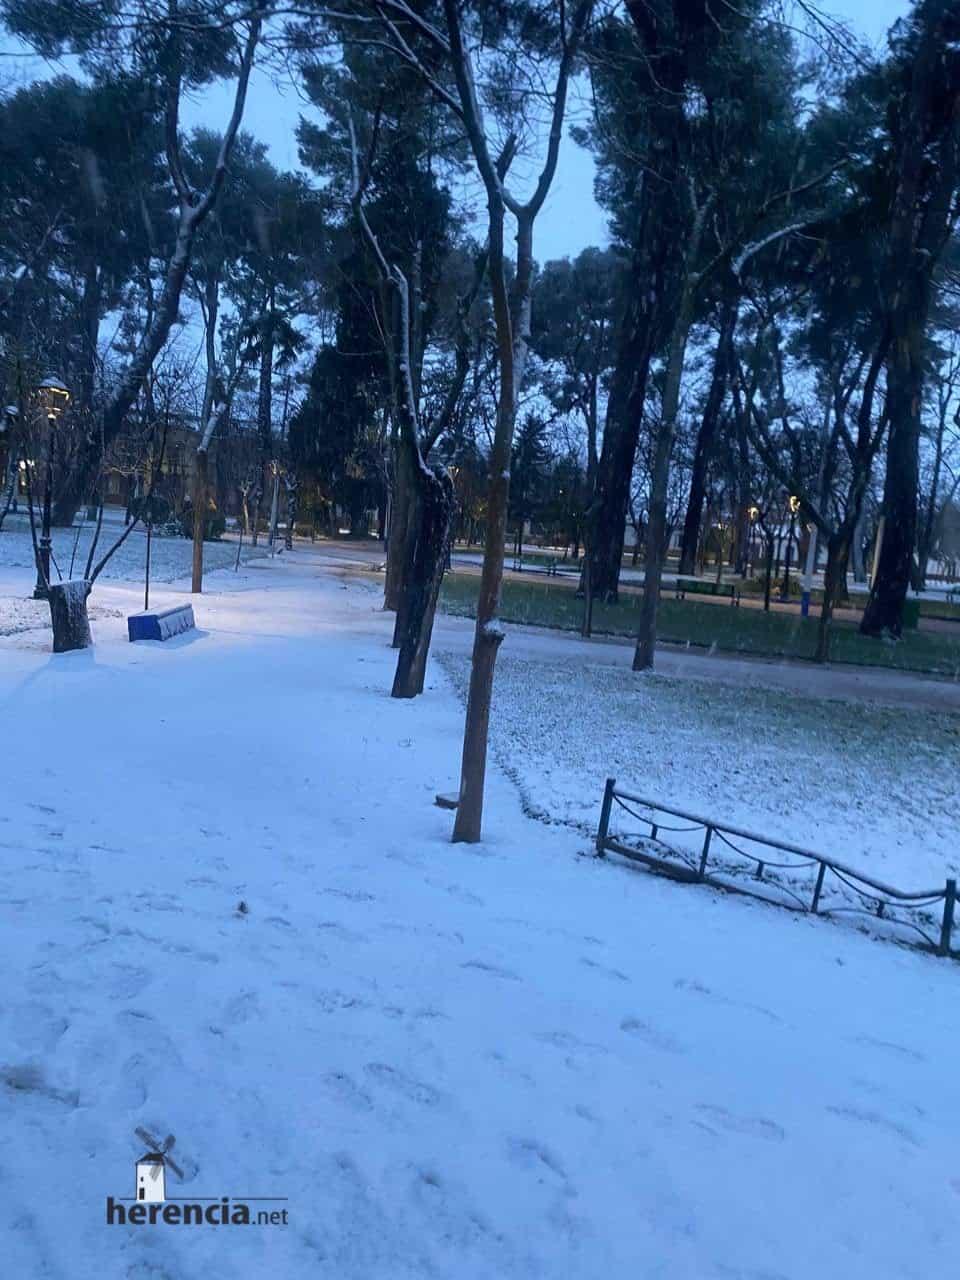 Fotografías de la nevada en Herencia (Ciudad Real) 64